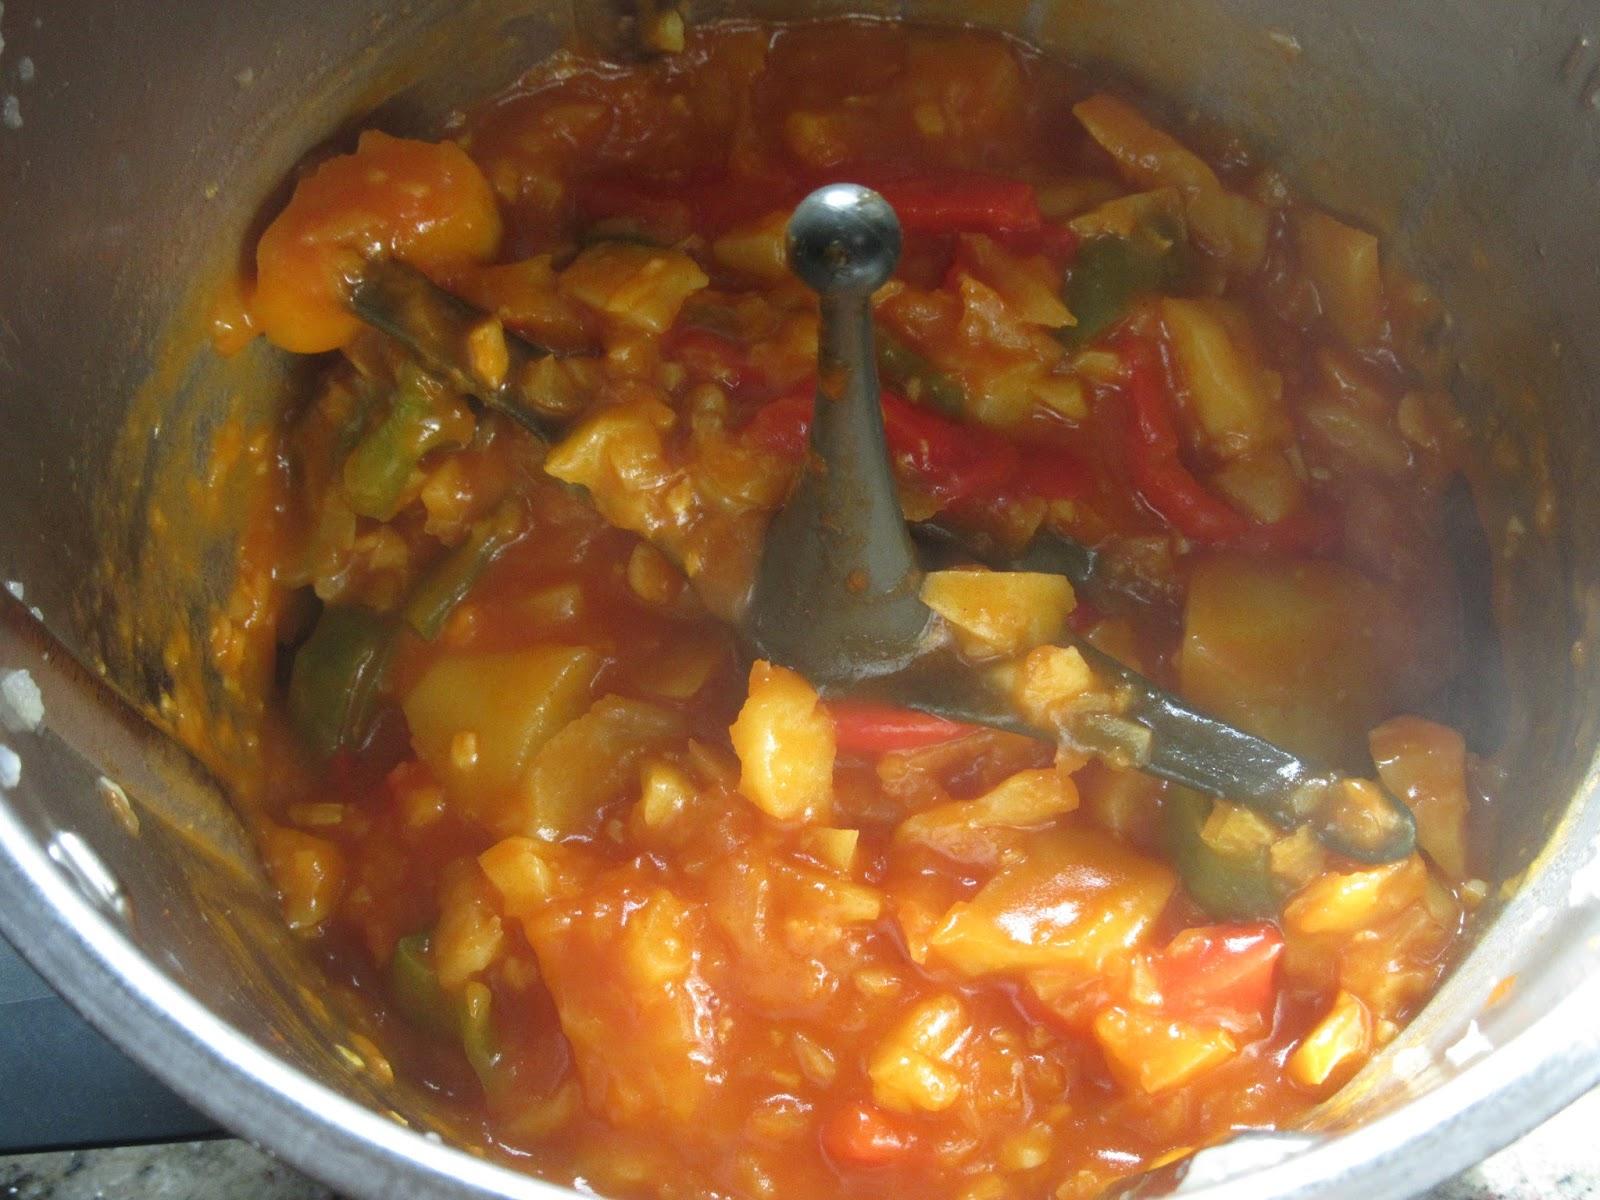 Bacalao ajoarriero thermomix - Cocinar bacalao desalado ...